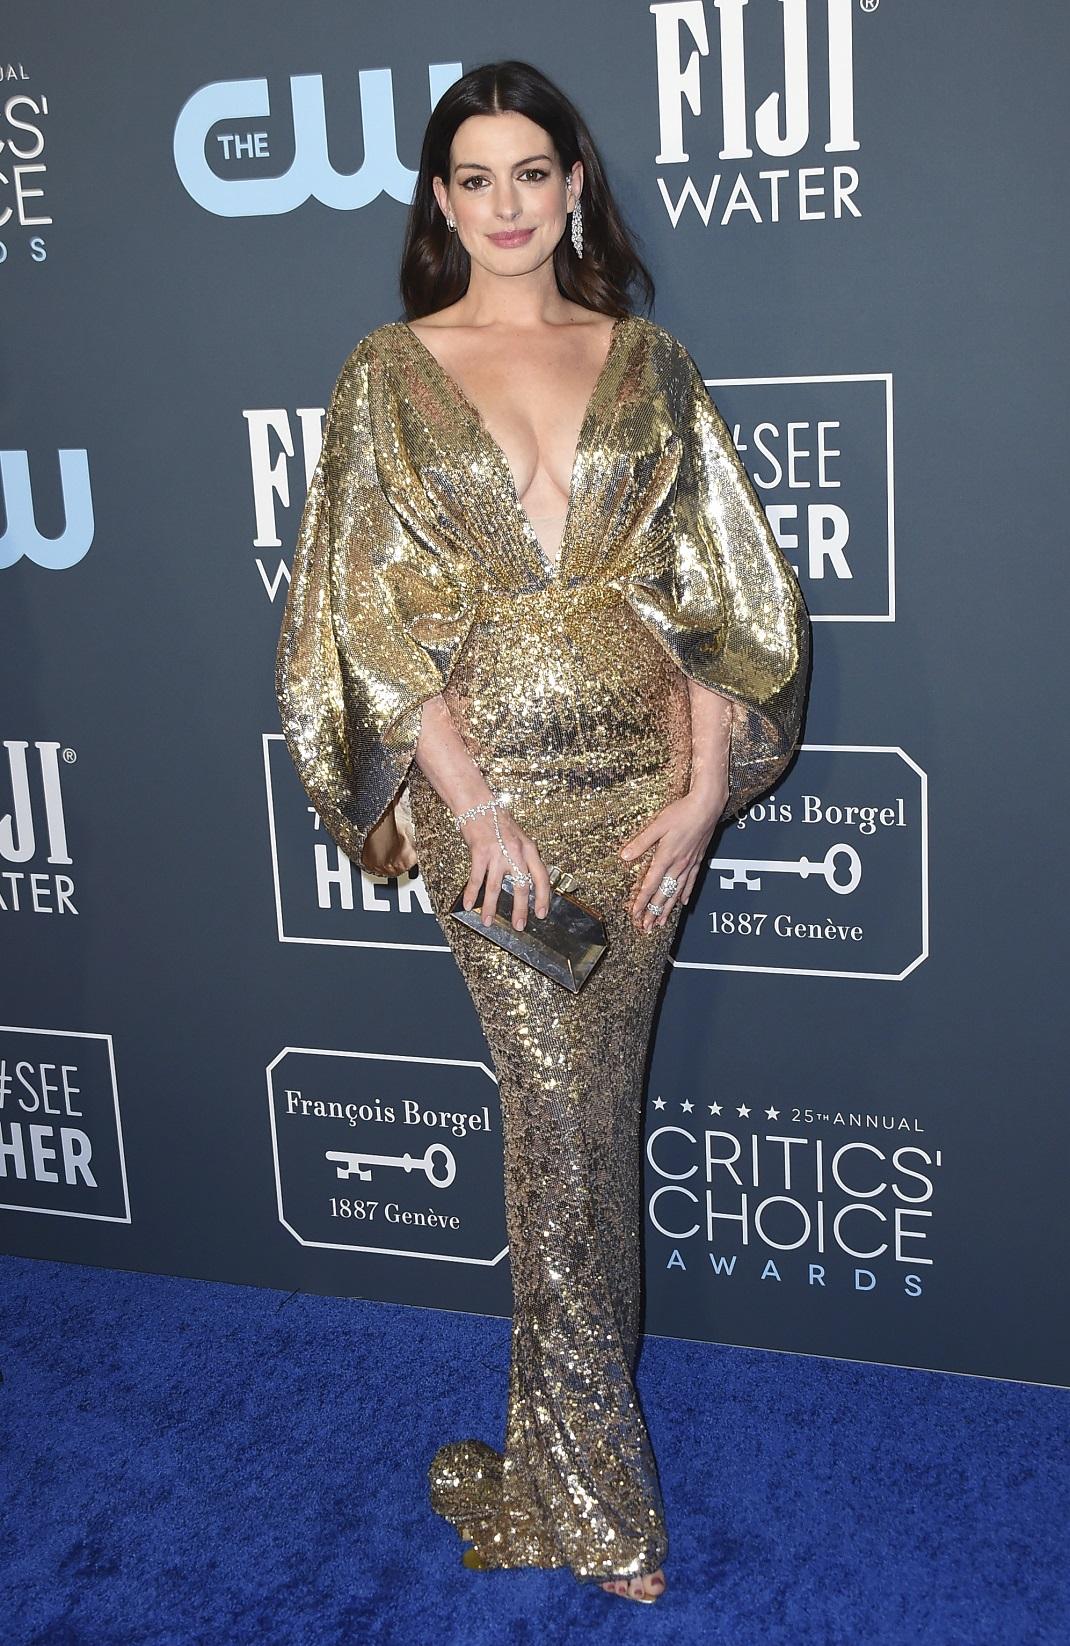 Η Αν Χάθαγουεϊ με χρυσό φόρεμα κρατά χρυσή τσάντα